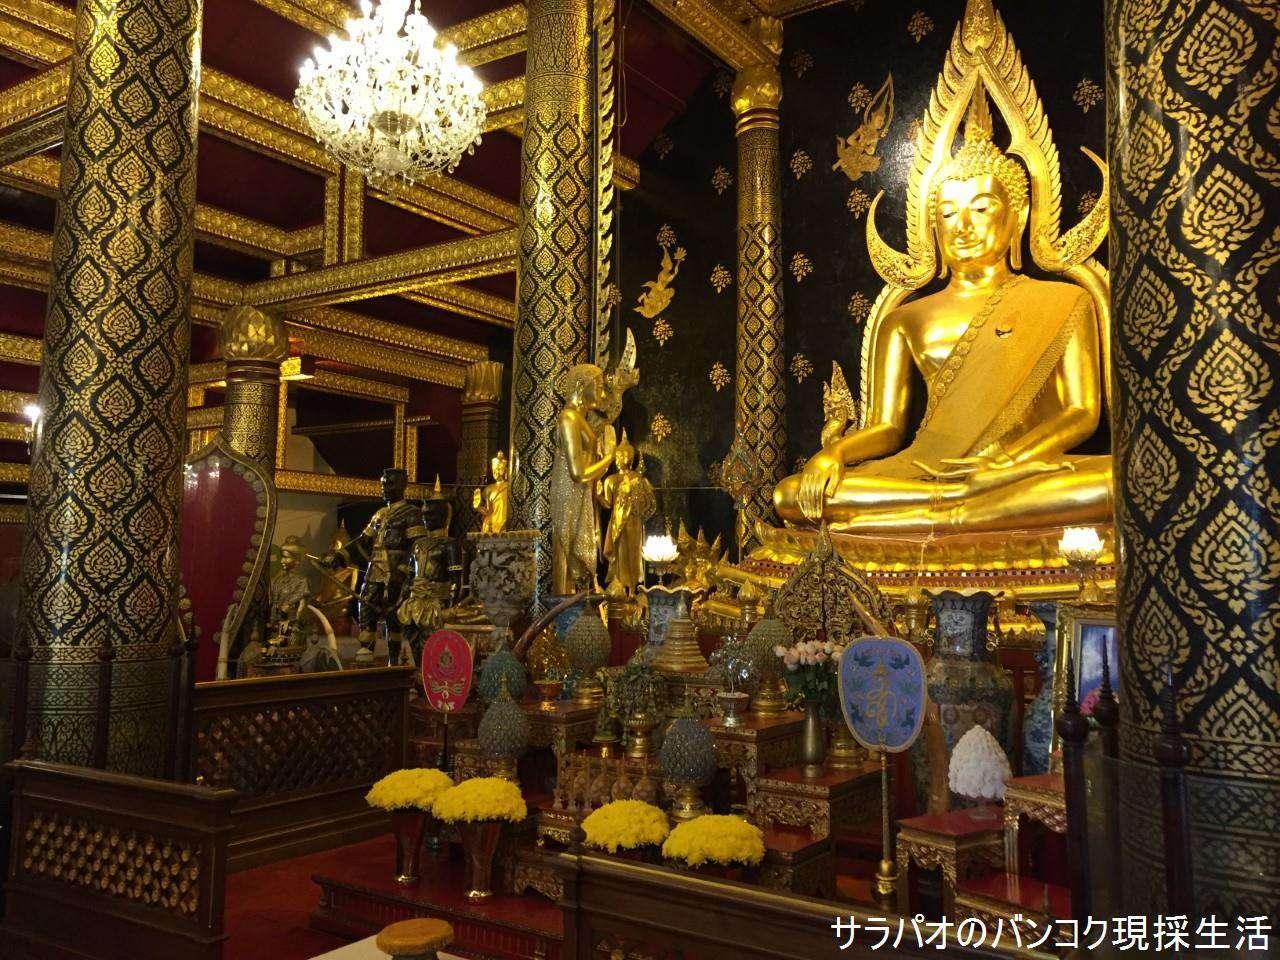 タイで最も美しい仏像が祀られているワット・ヤイ in ピッサヌローク県